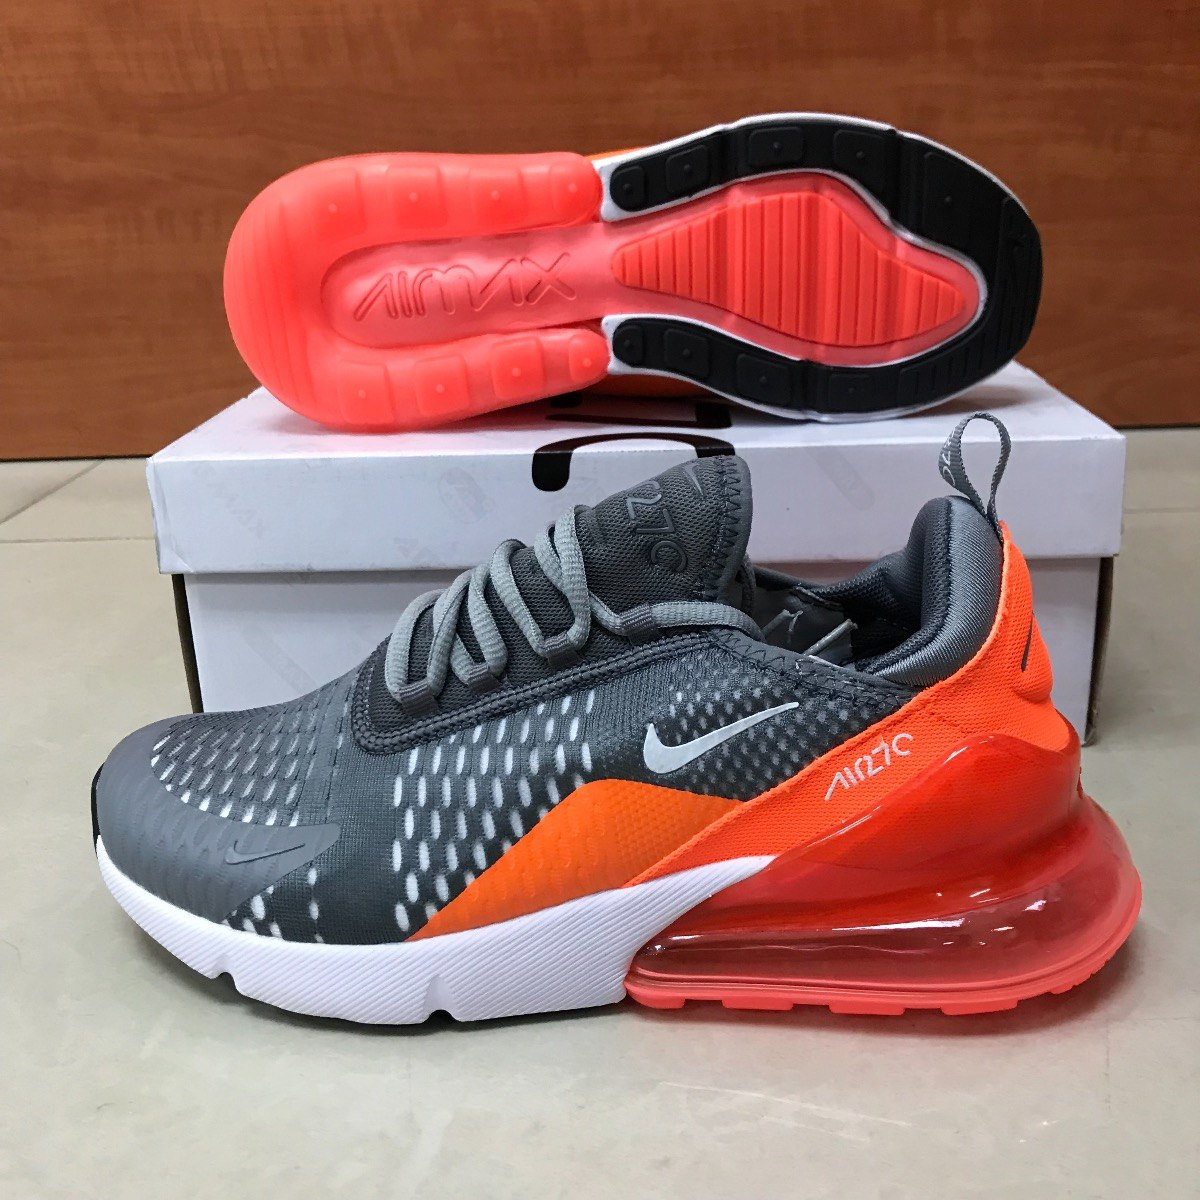 141becfa98613 zapatos deportivos nike airmax 270 para caballero. Cargando zoom.